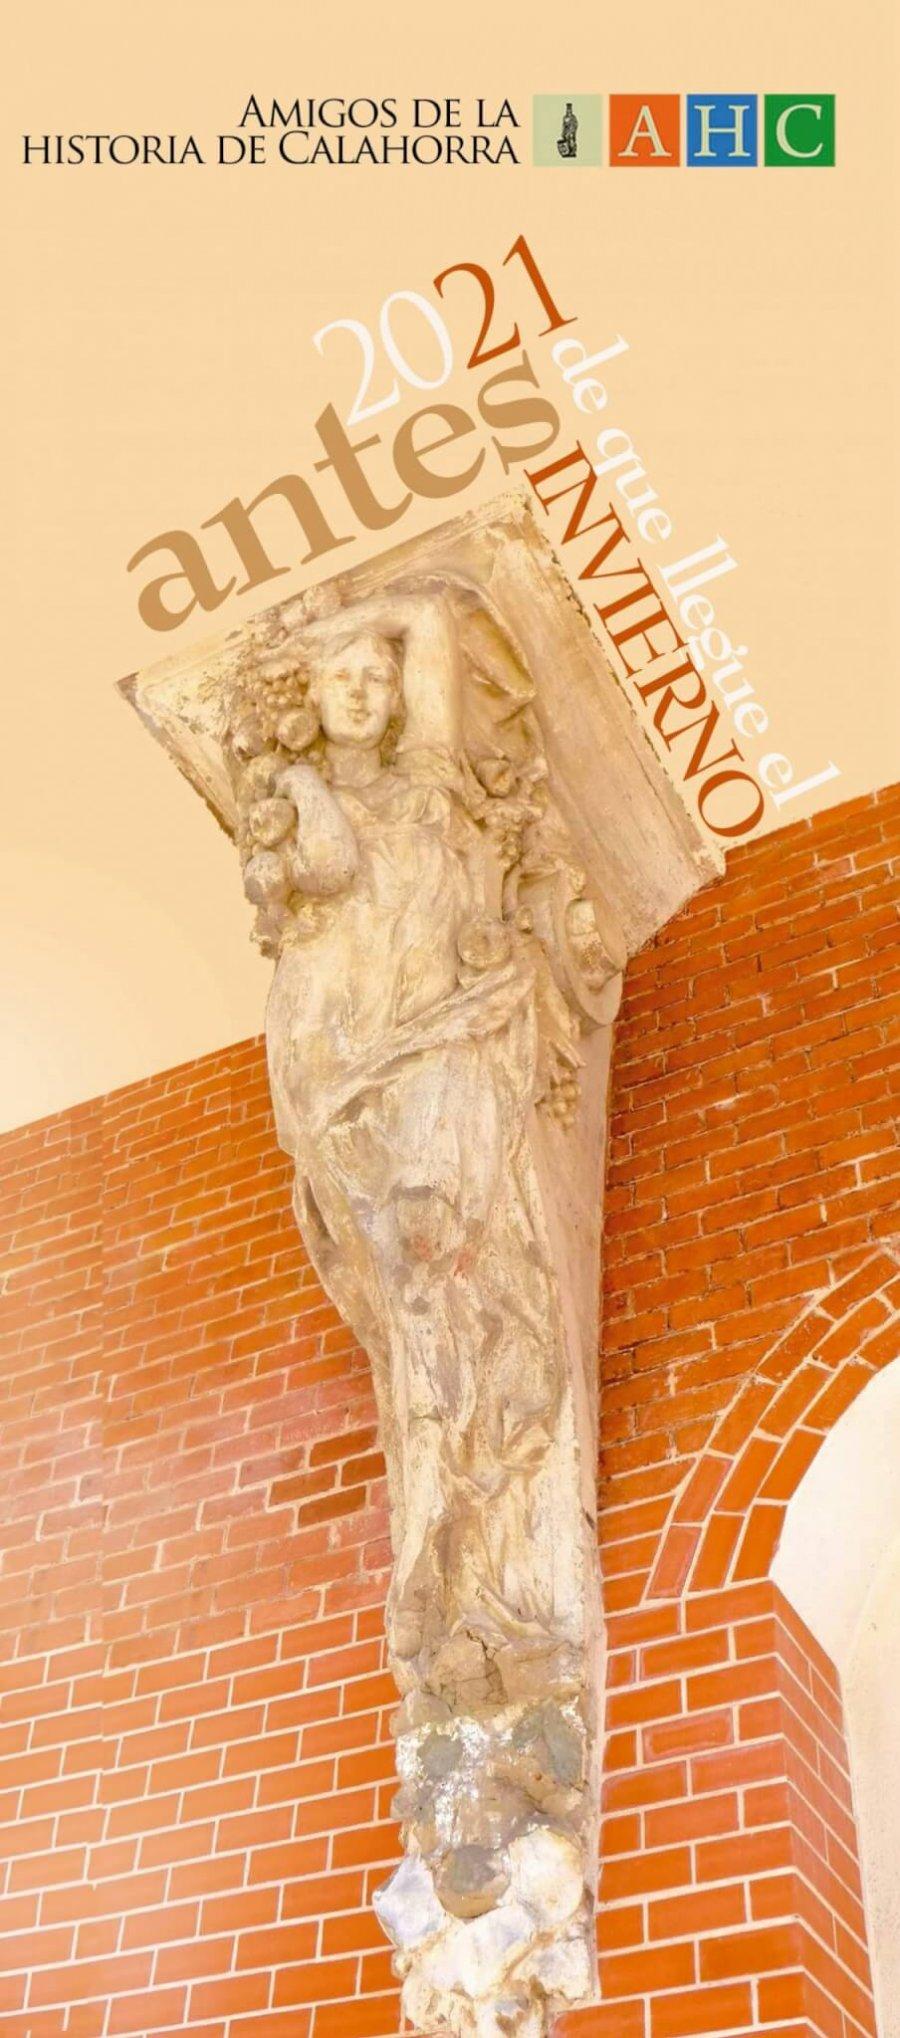 CALAHORRA cartel Antes de Que llegue el Invierno 2021